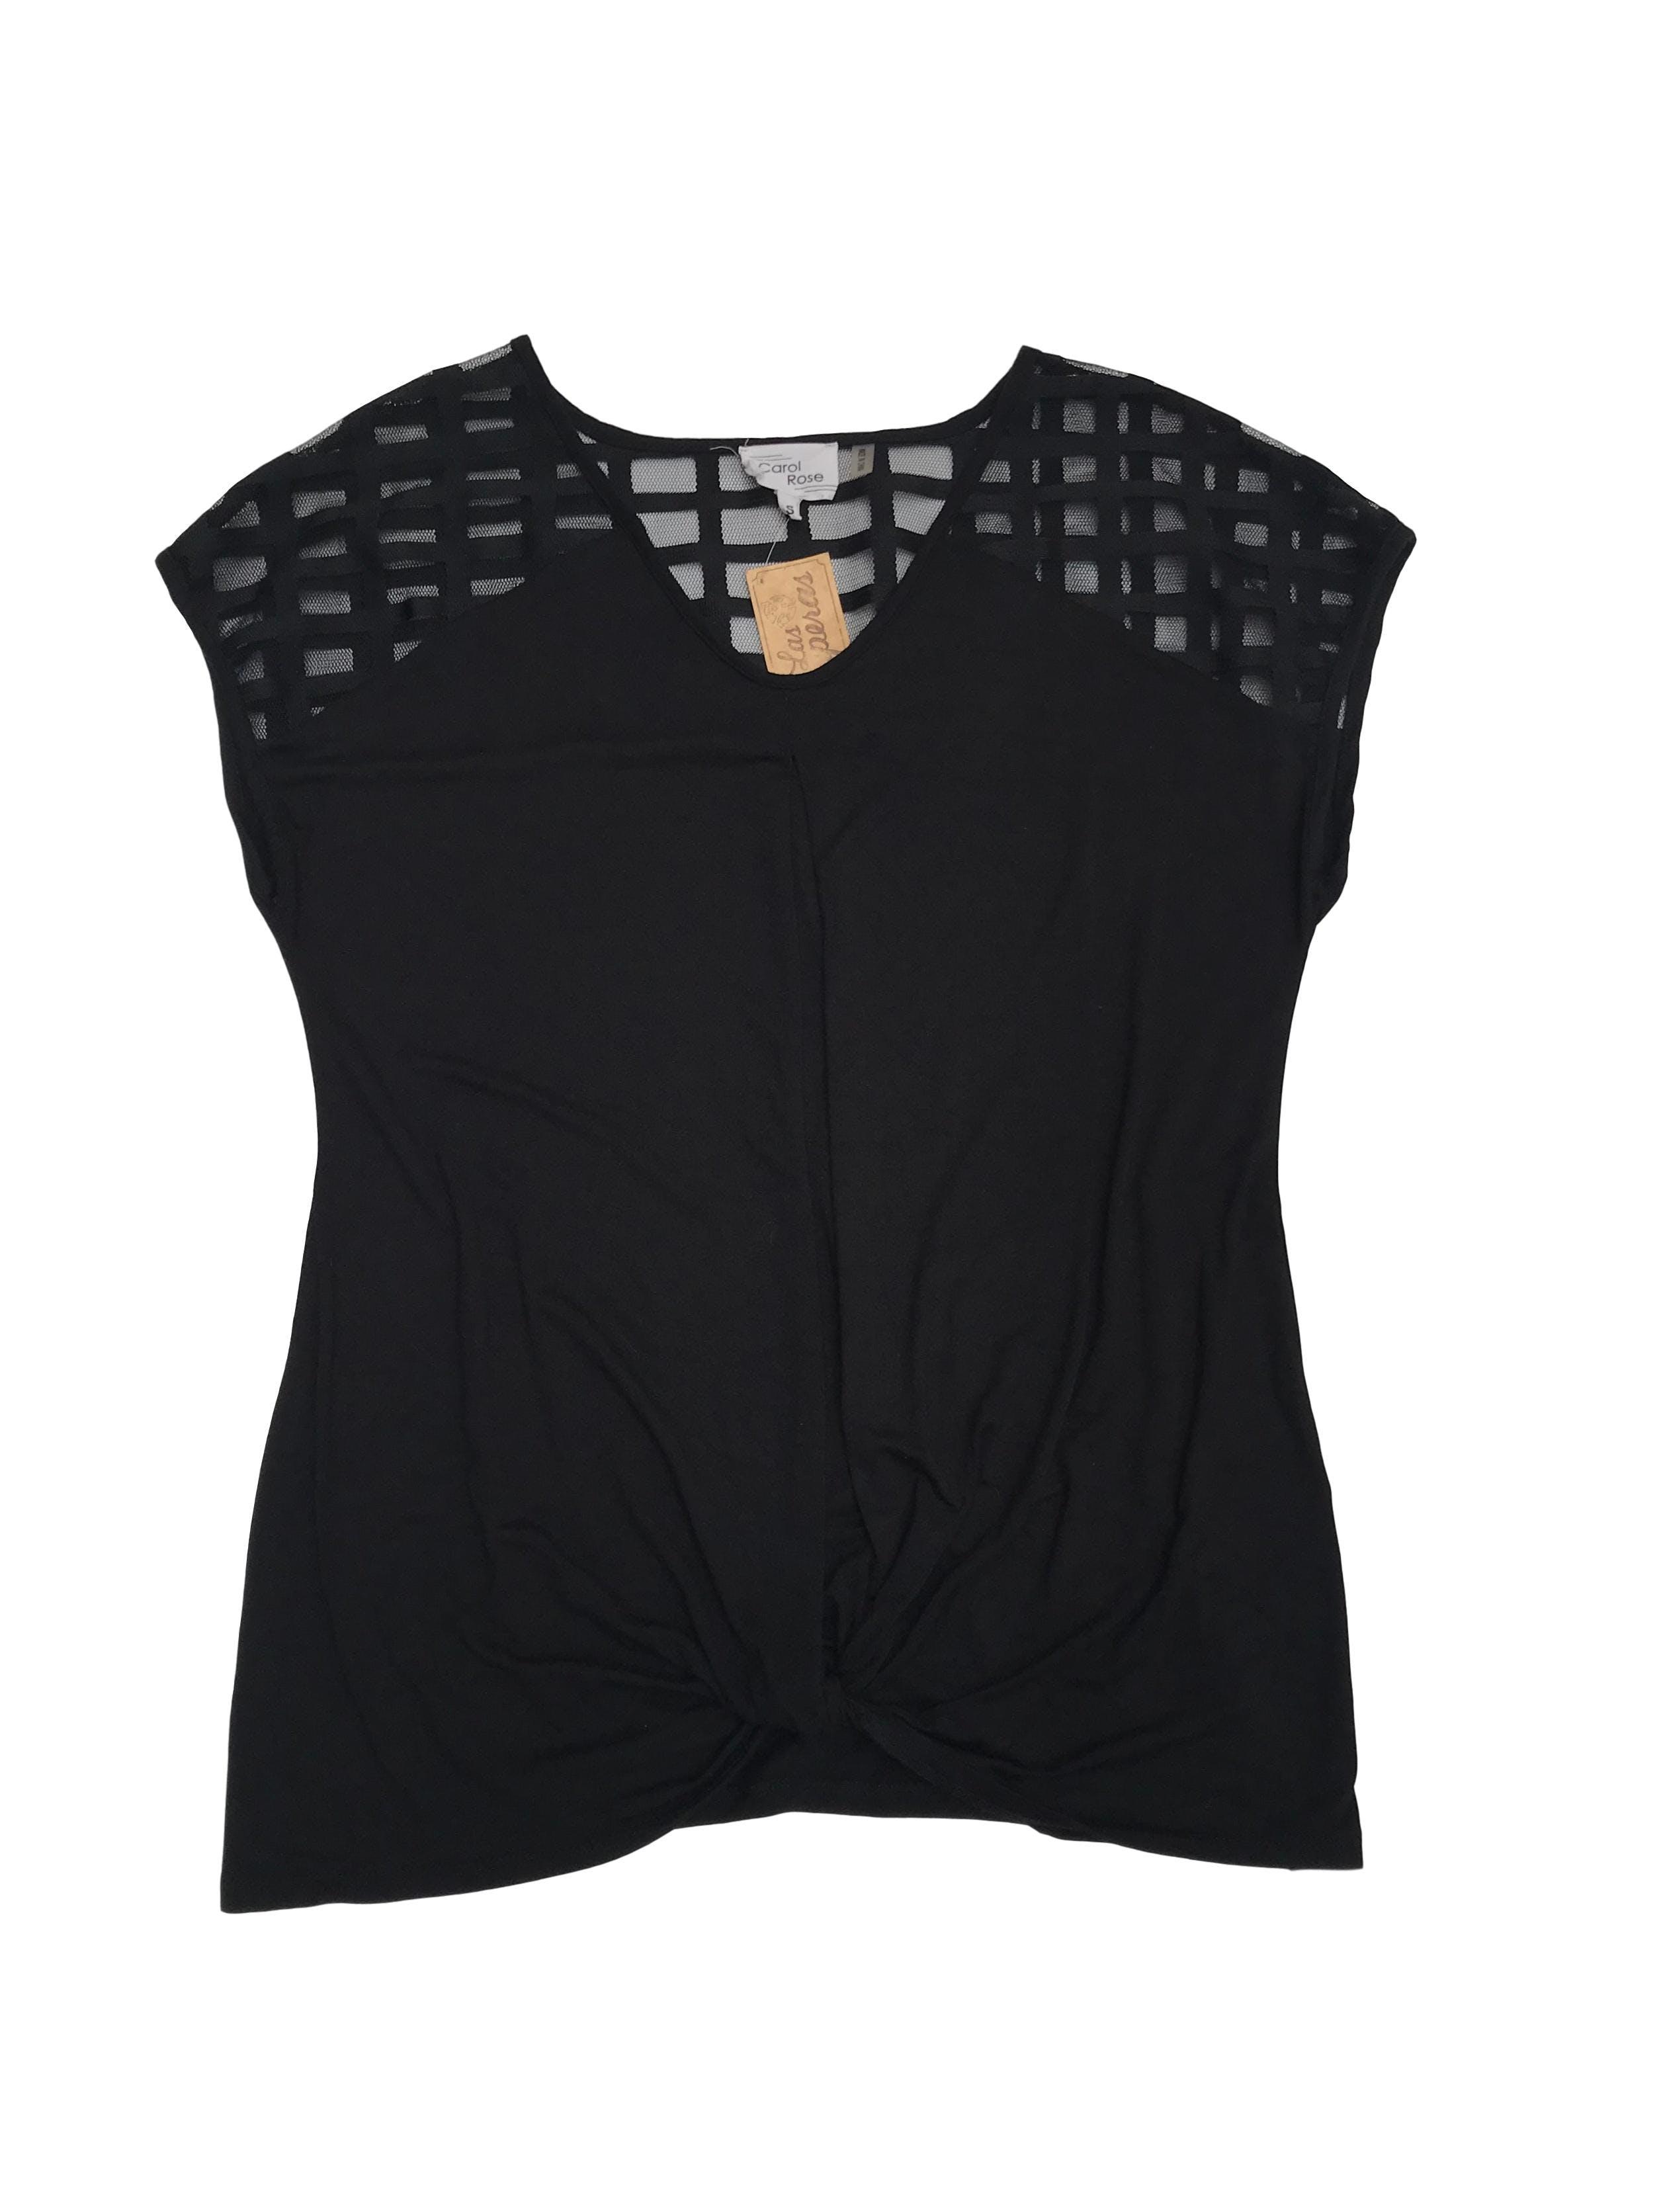 Polo negro tipo algodón con tul en los hombros y textura de rombos